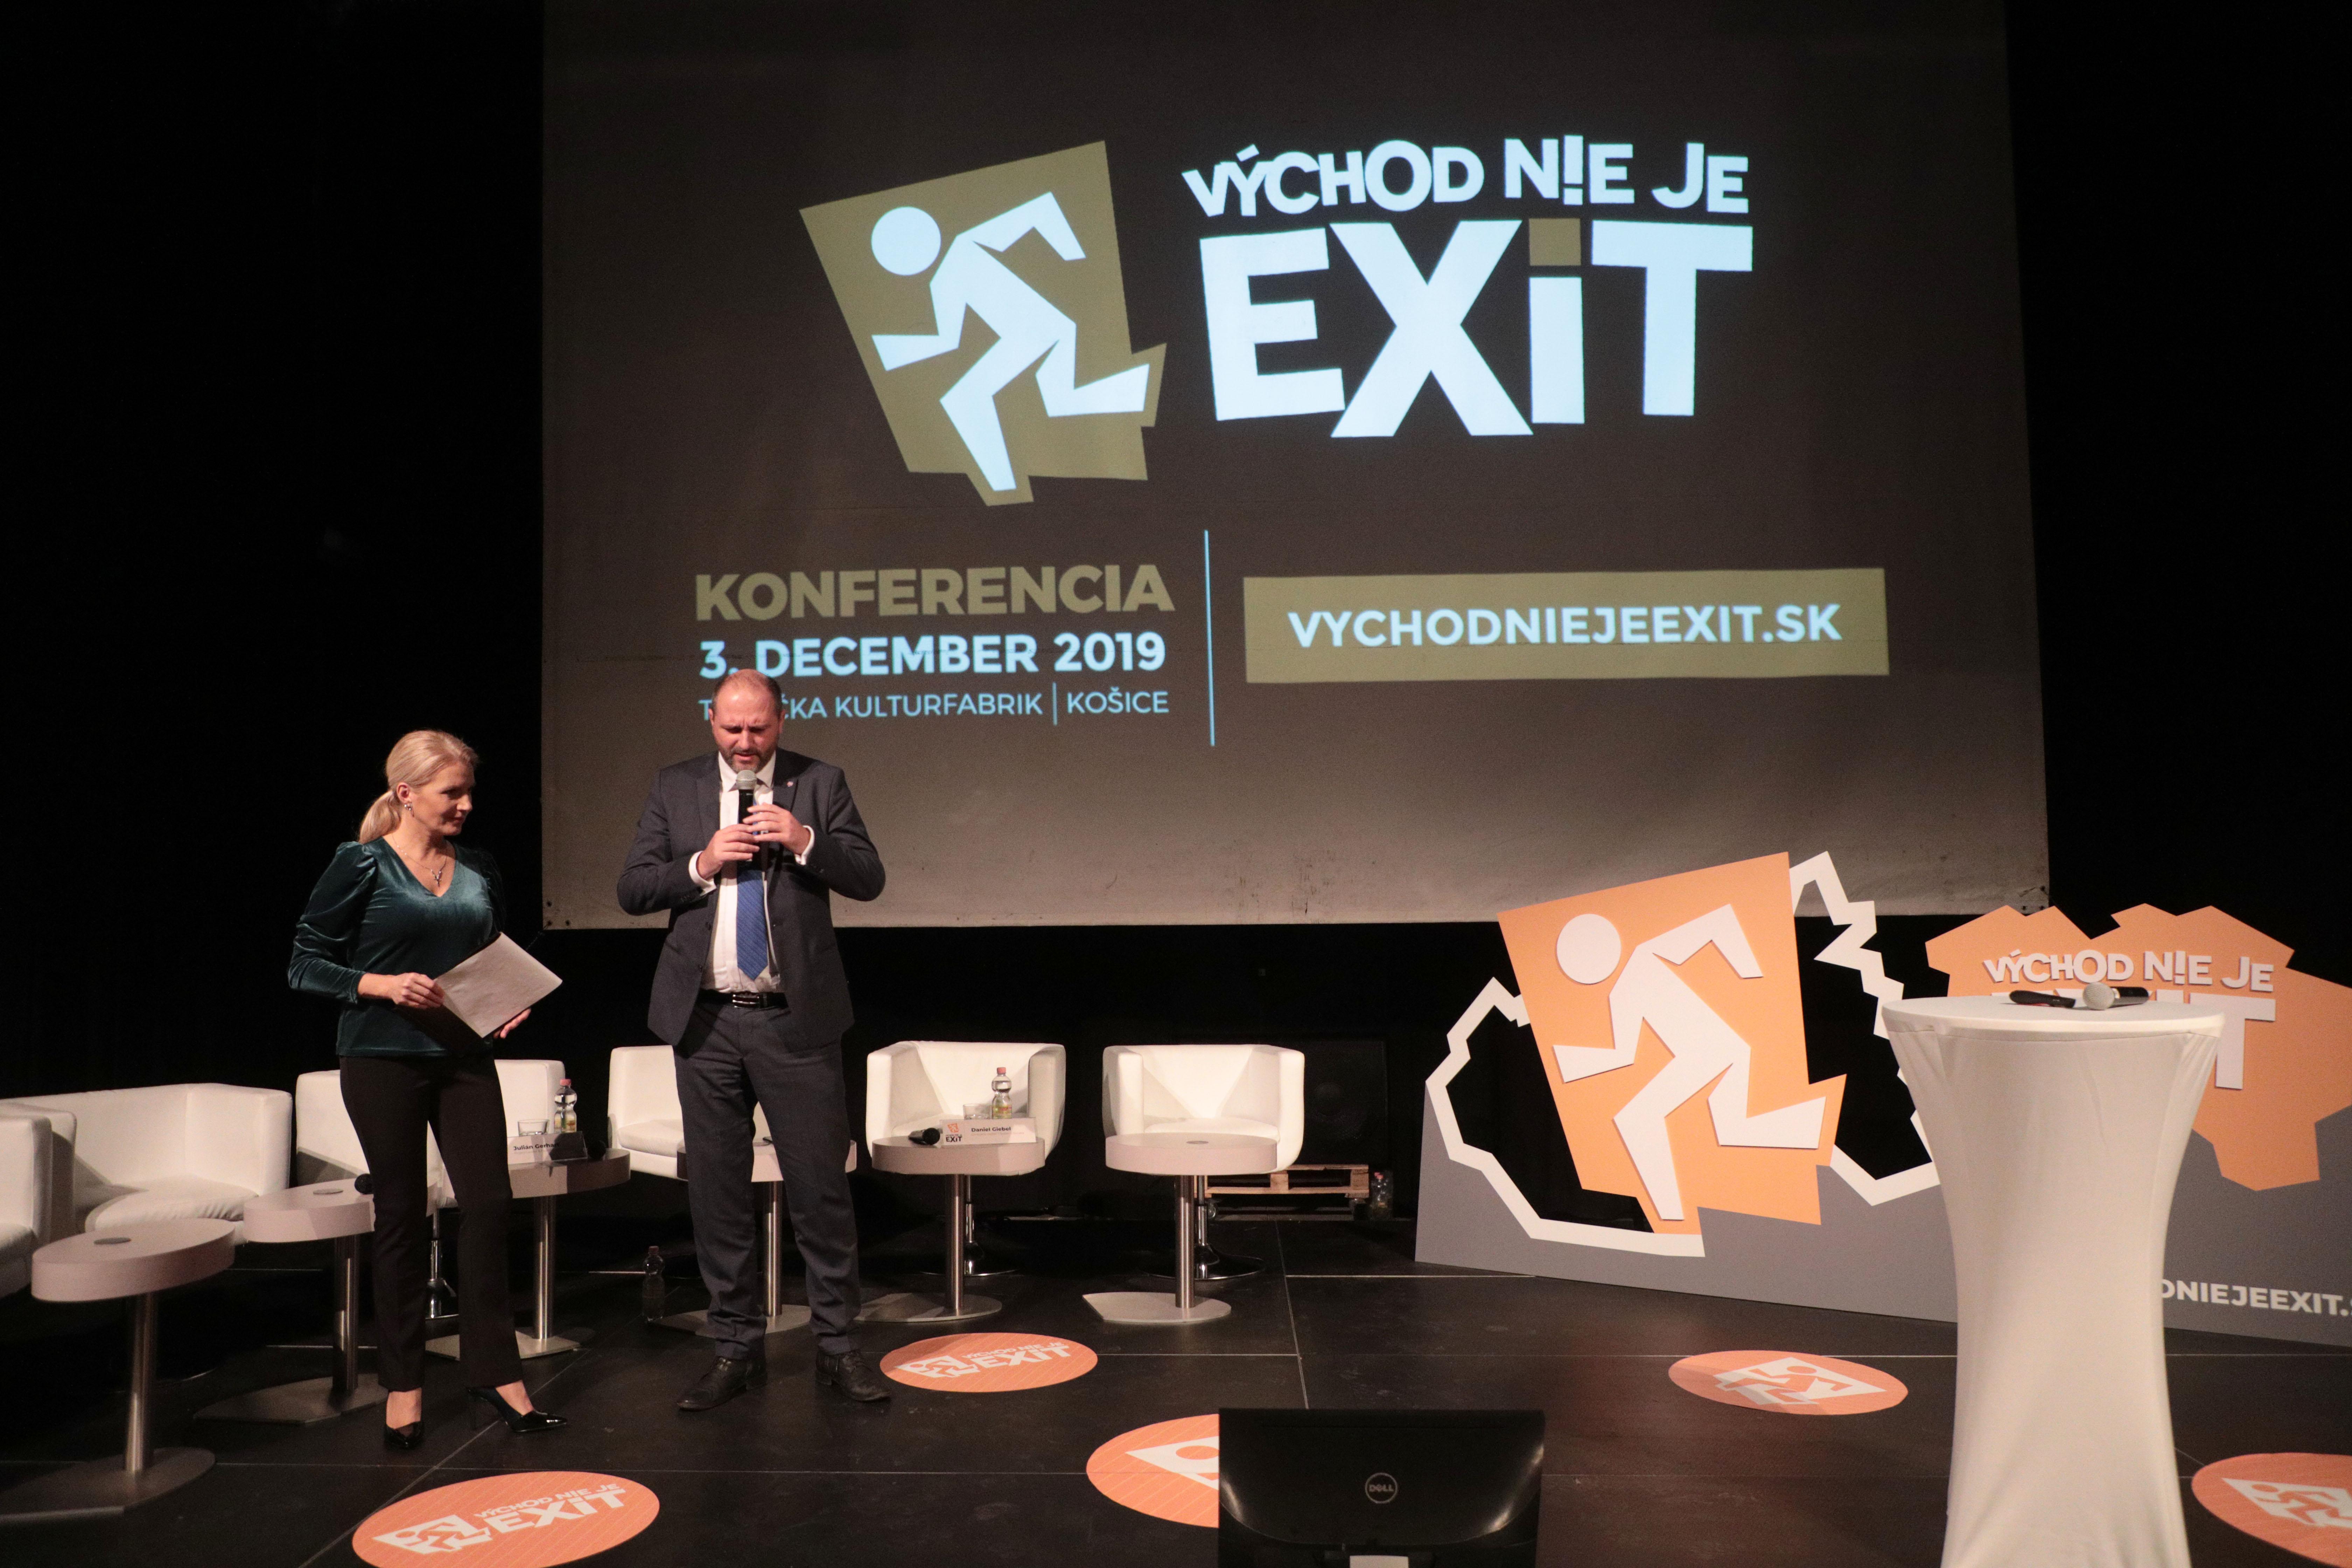 VychodNieJeExit4